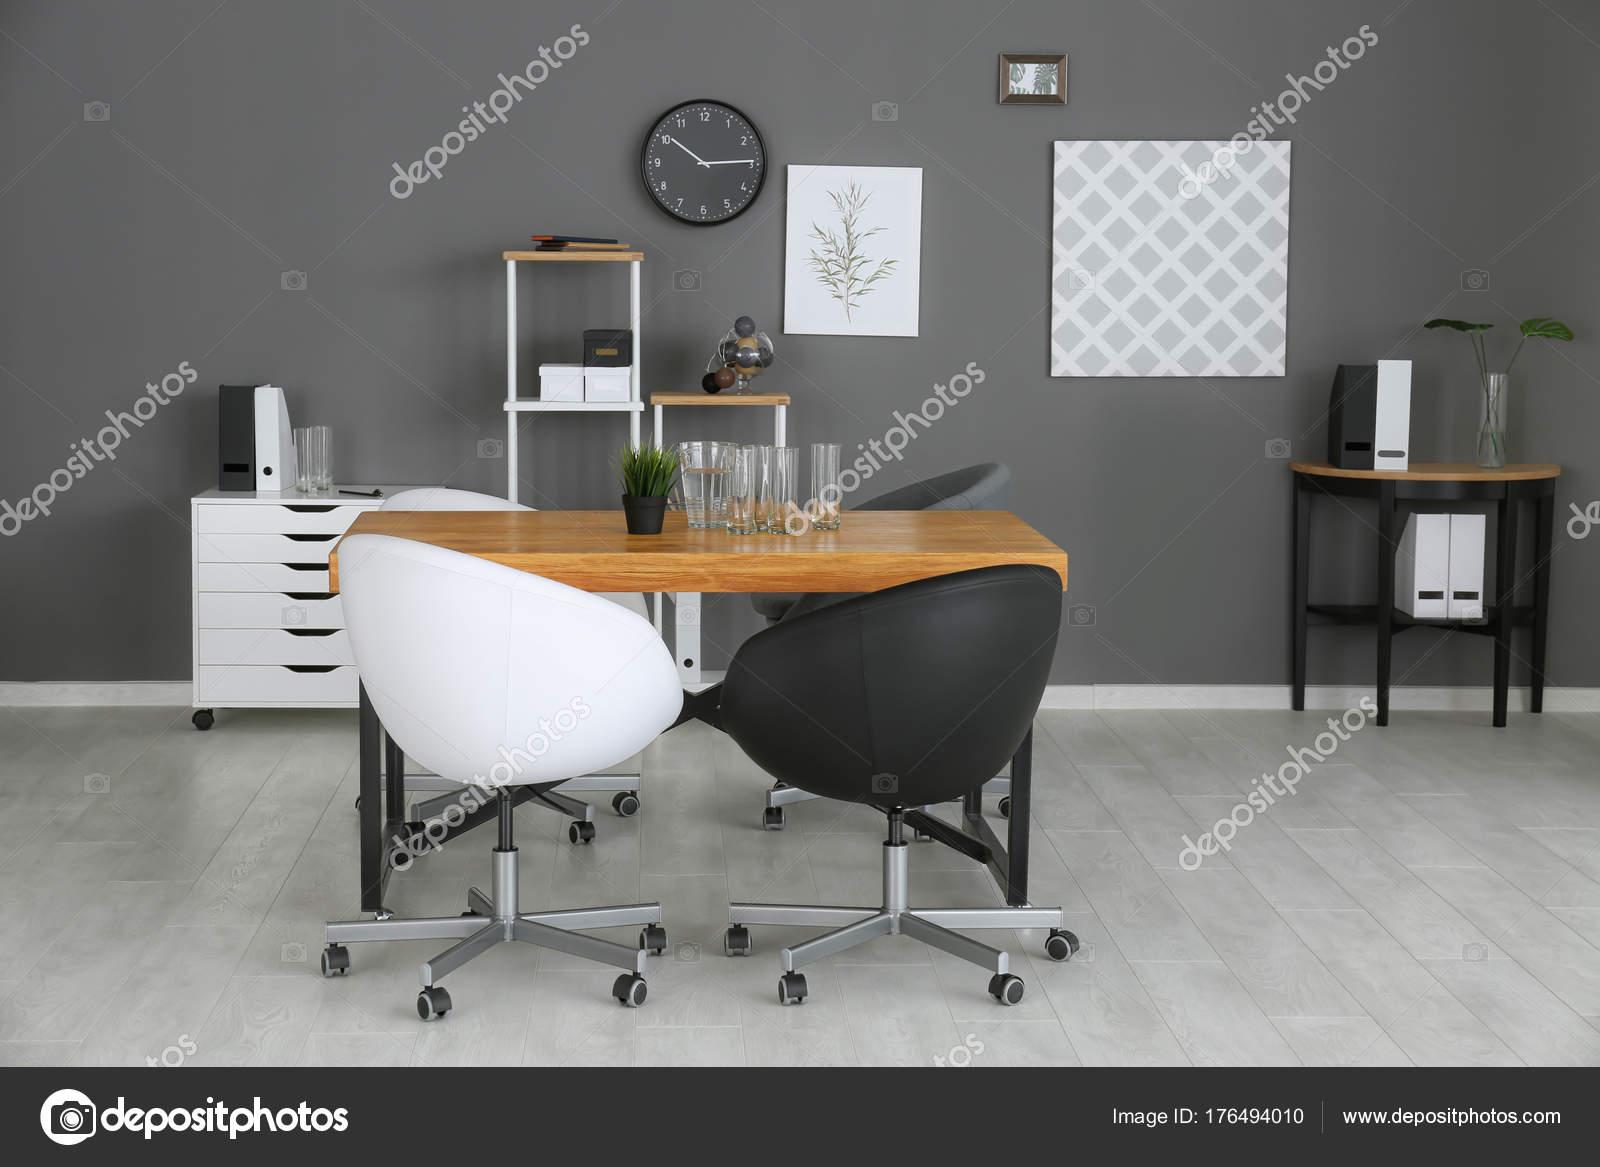 Intérieur de bureau moderne avec fauteuils en noir et blancs